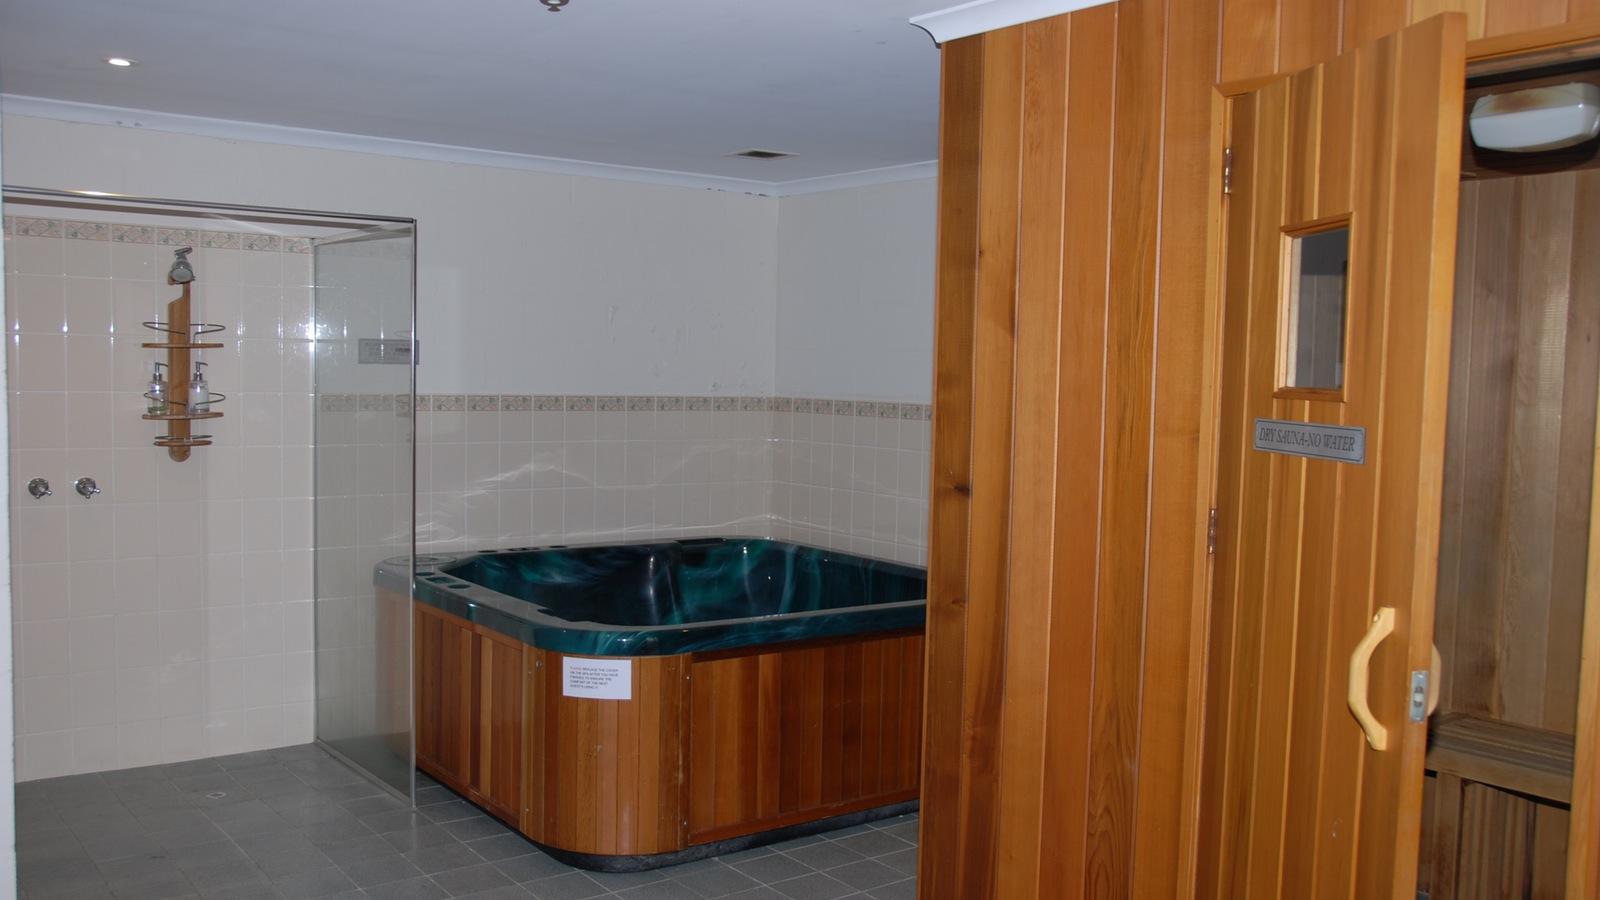 Sauna and Spa Room